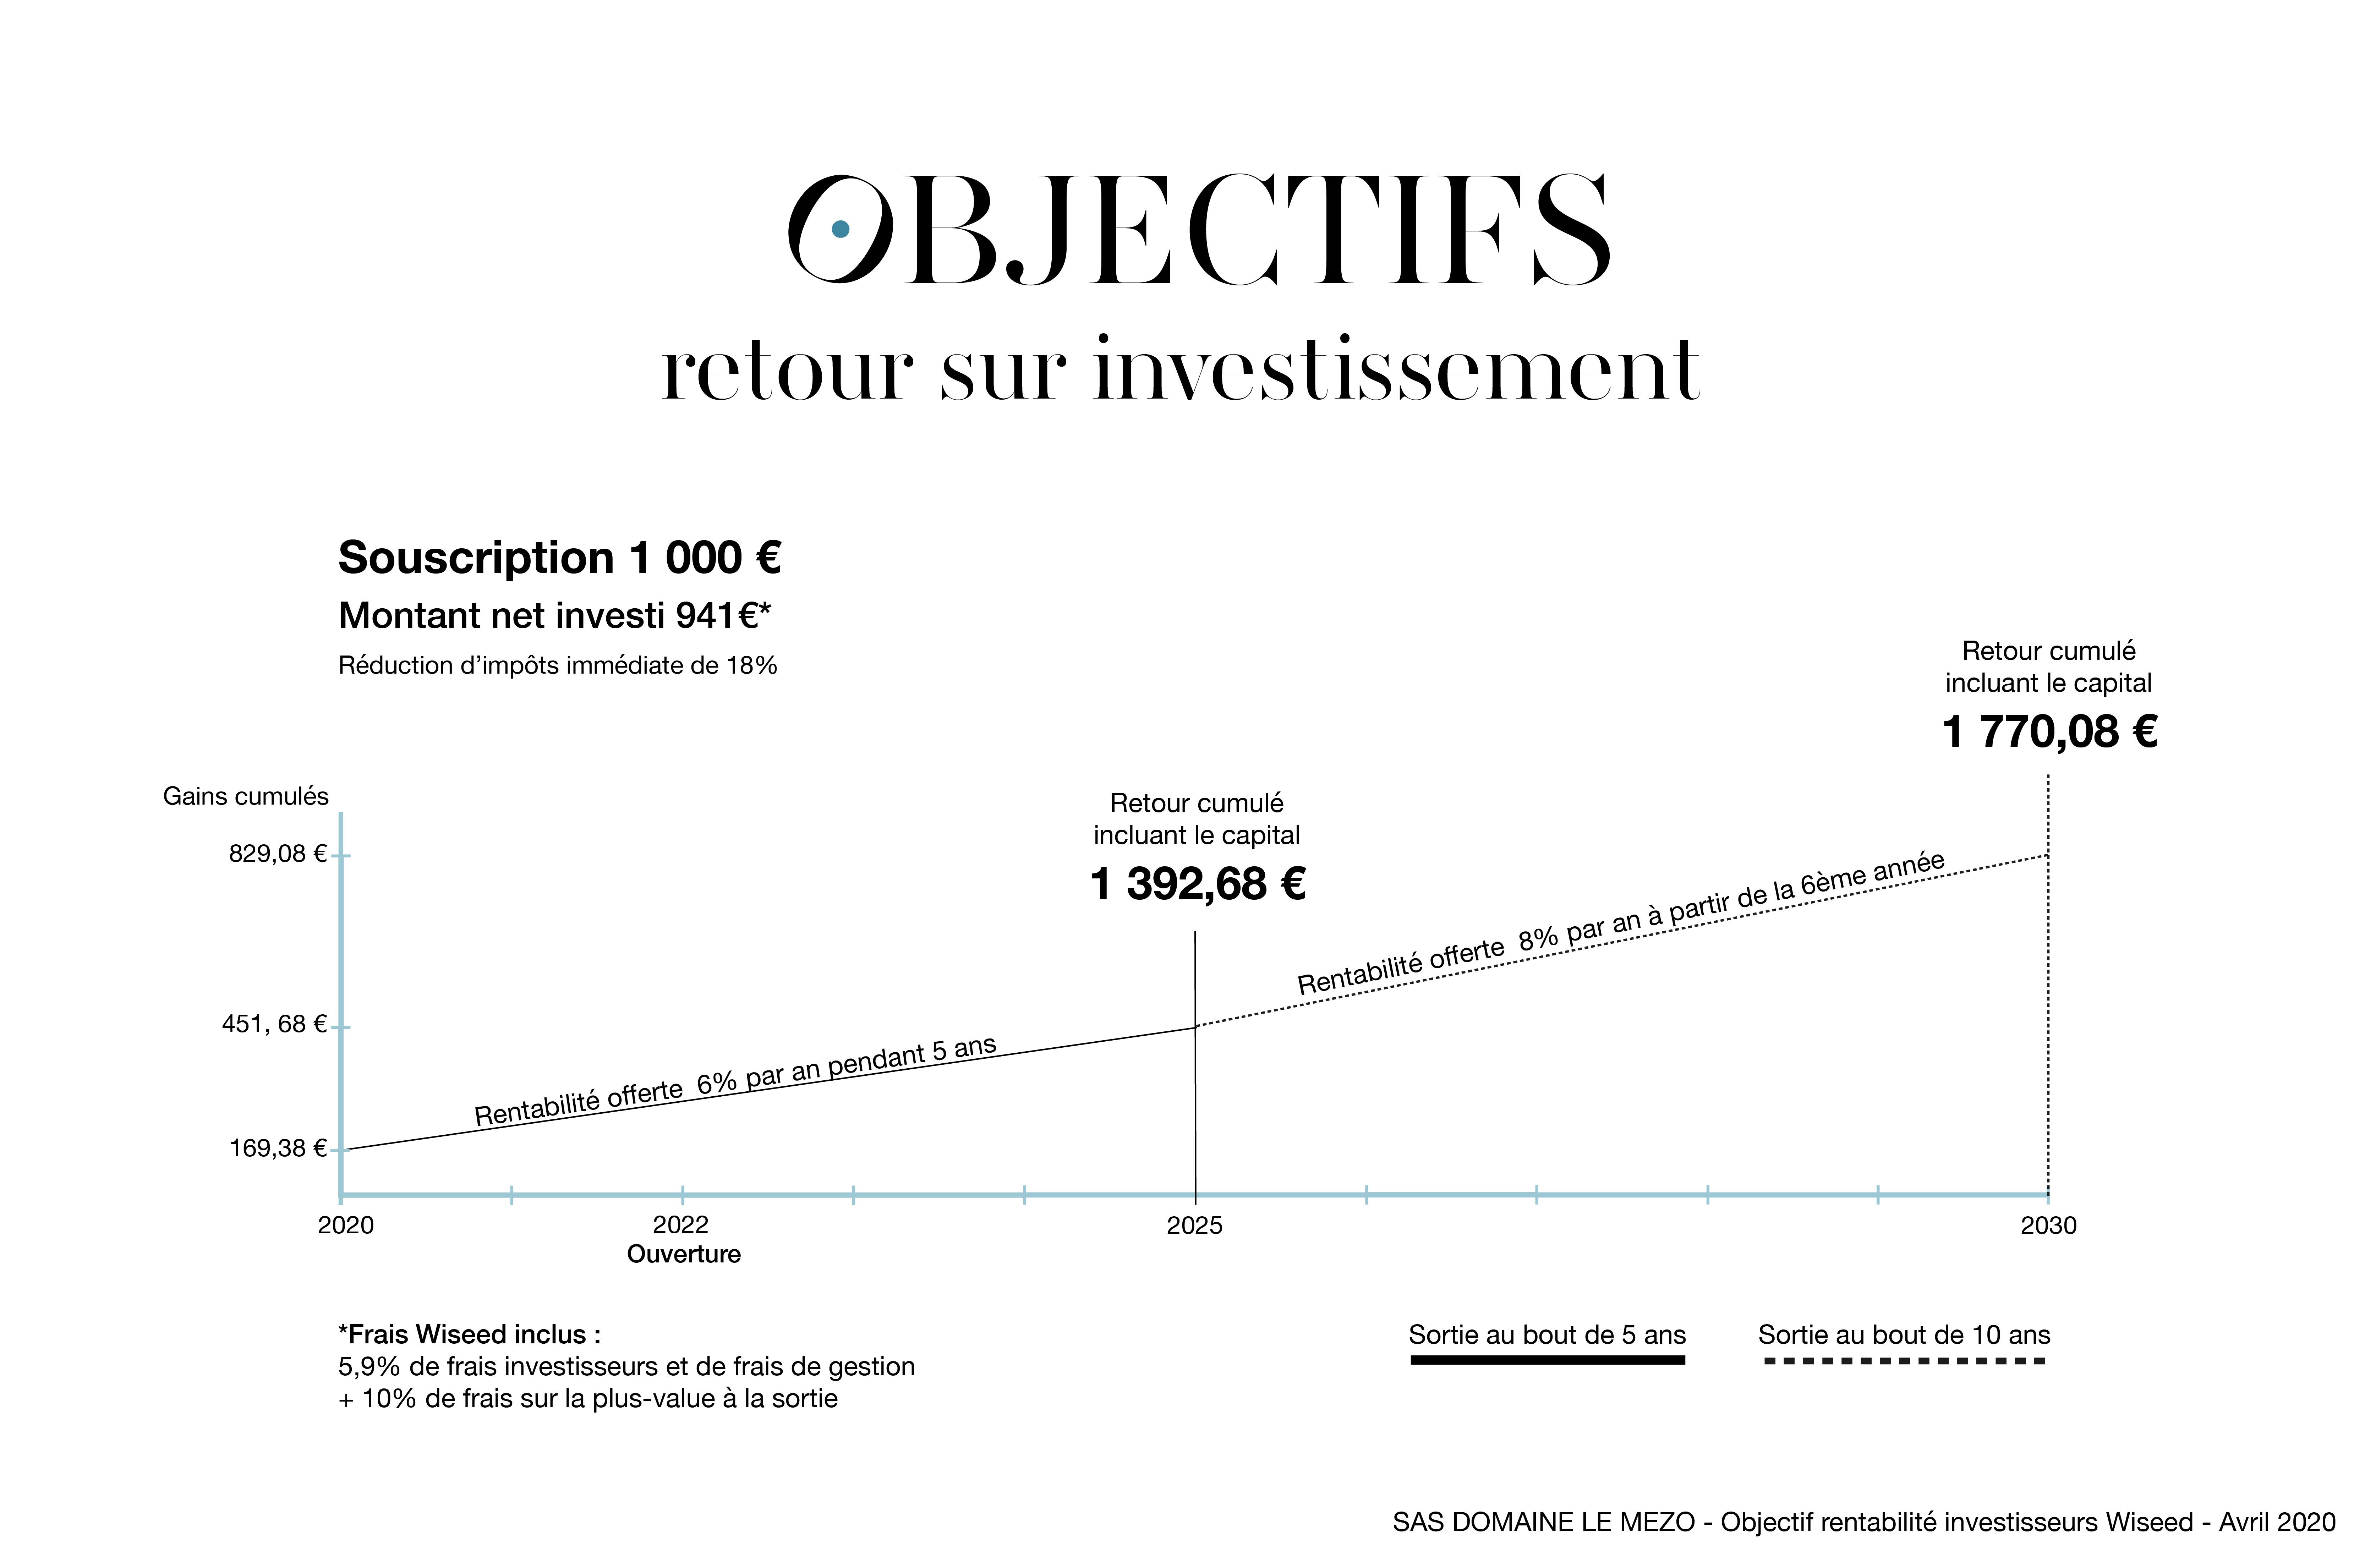 Exemple de l'objectif retour sur investissement pour une souscription de 1.000 €